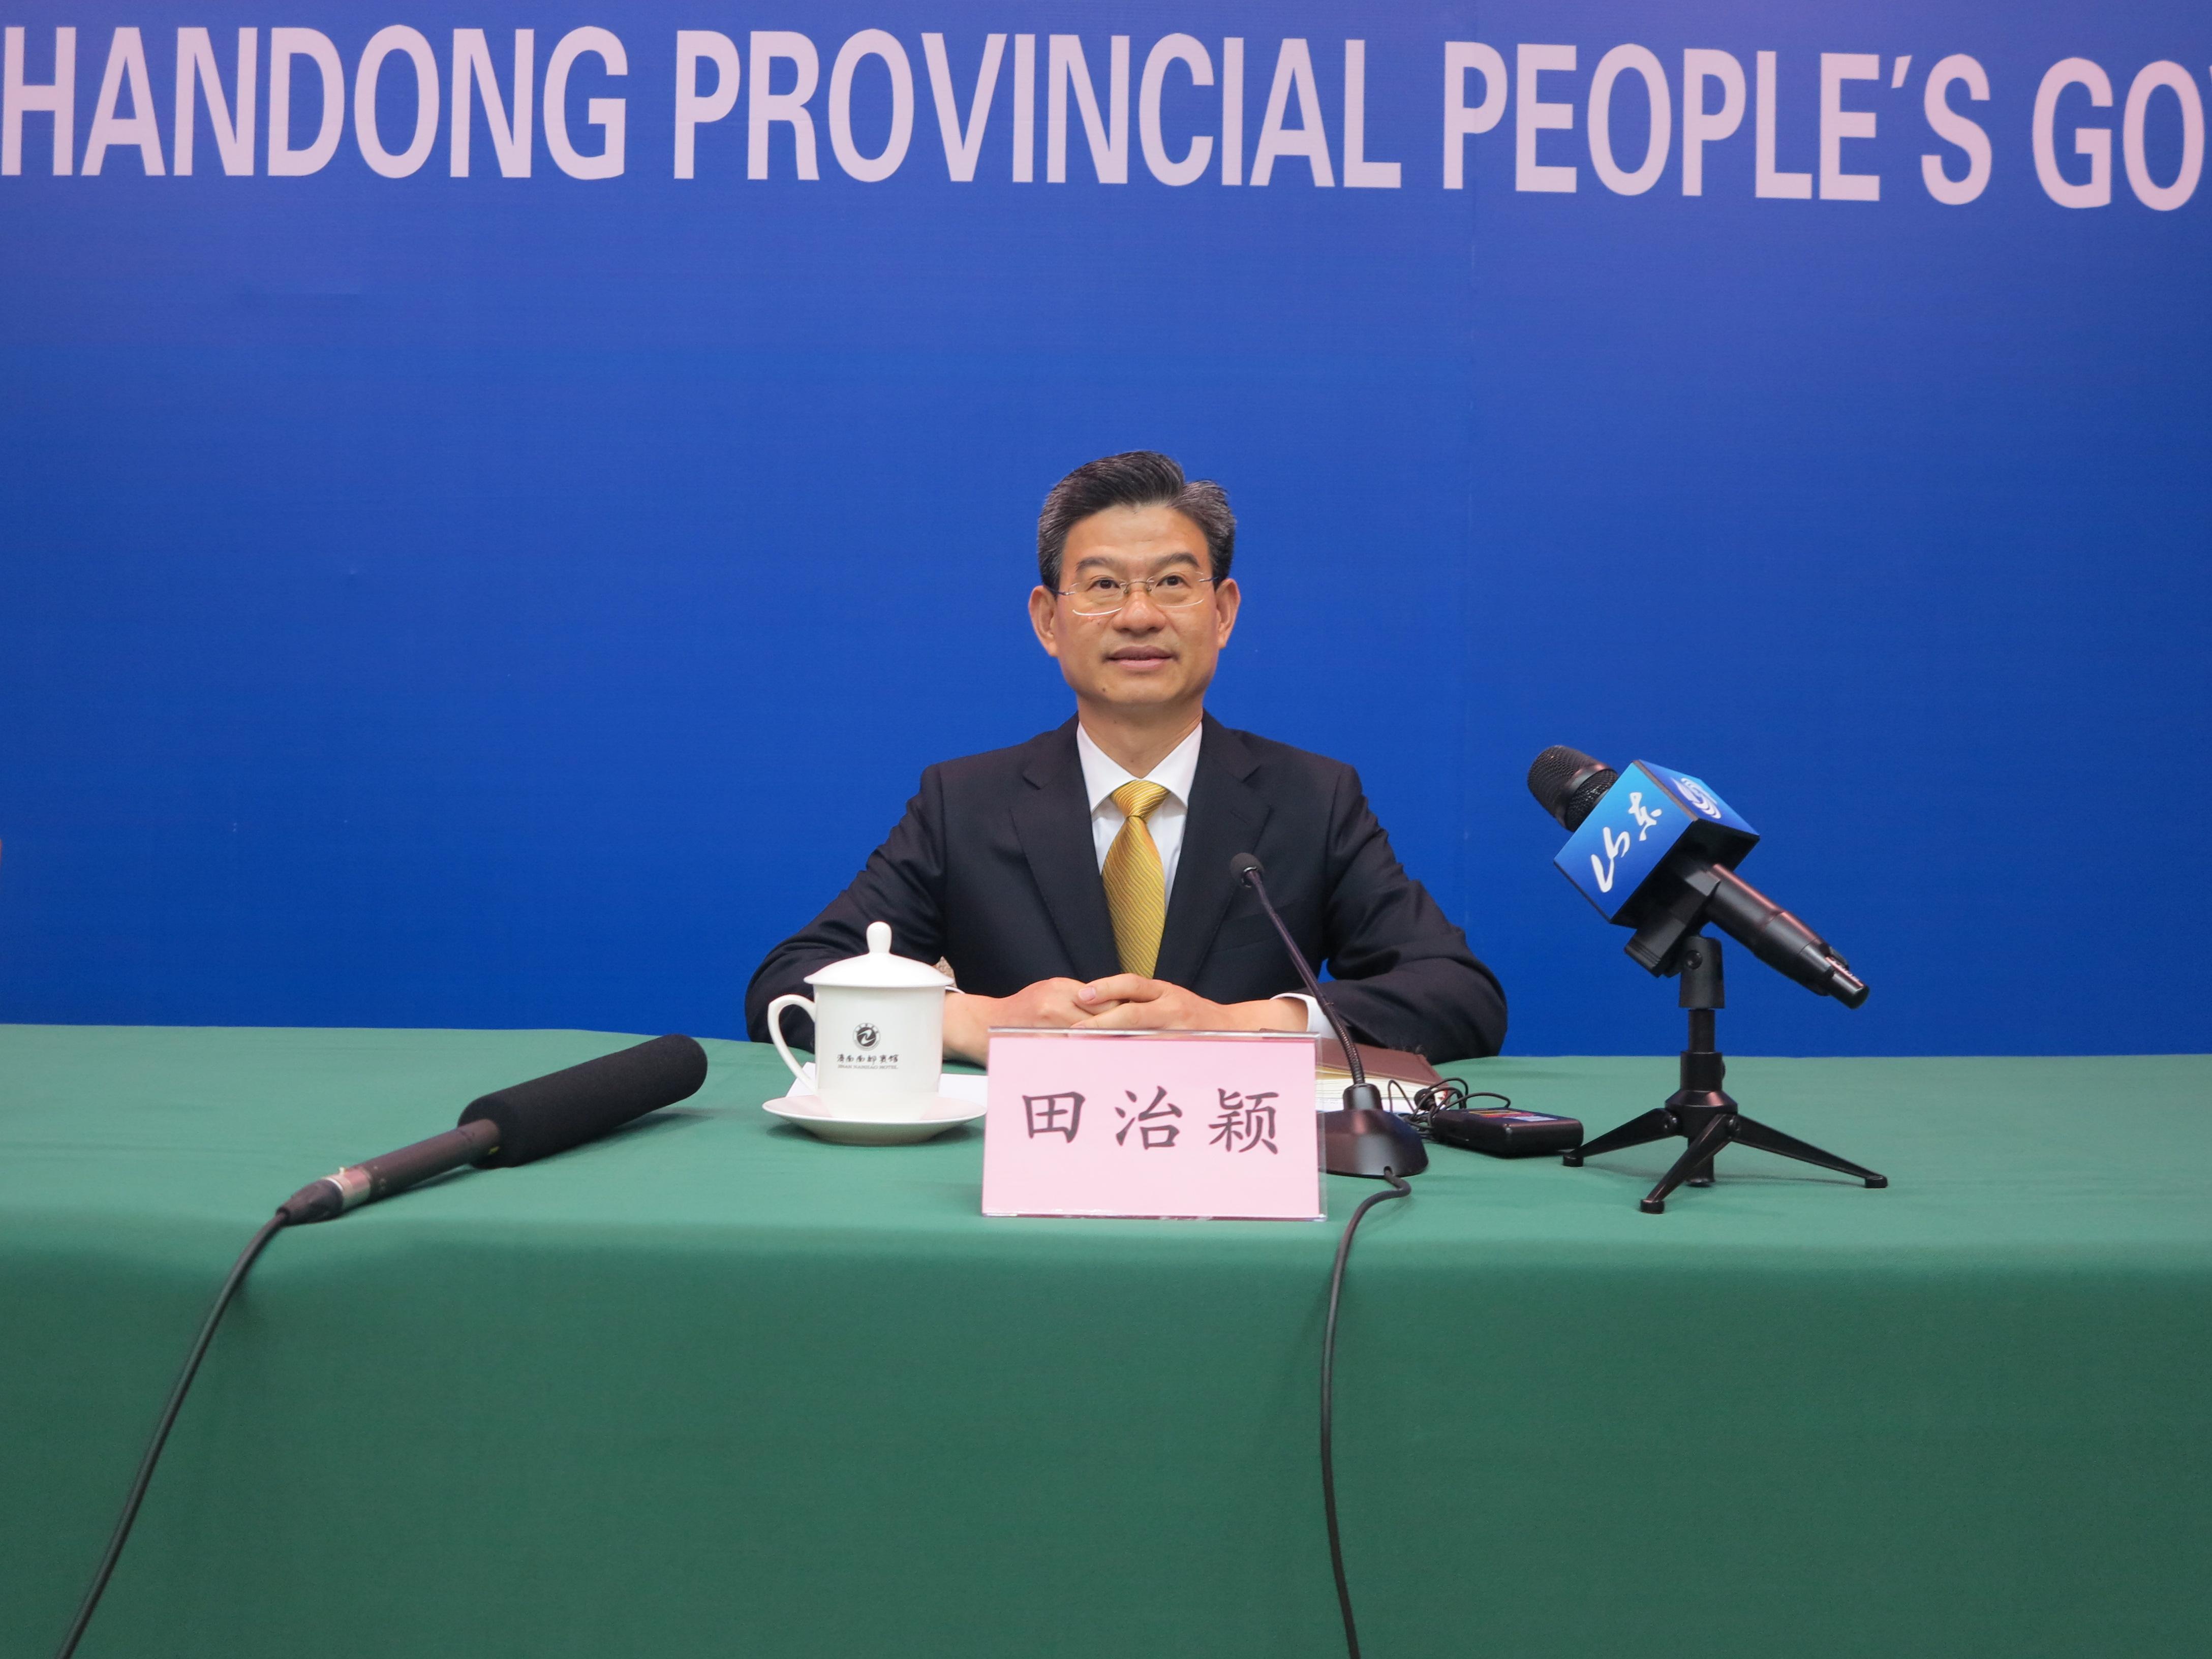 山东省工商局副局长、新闻发言人 田治颖